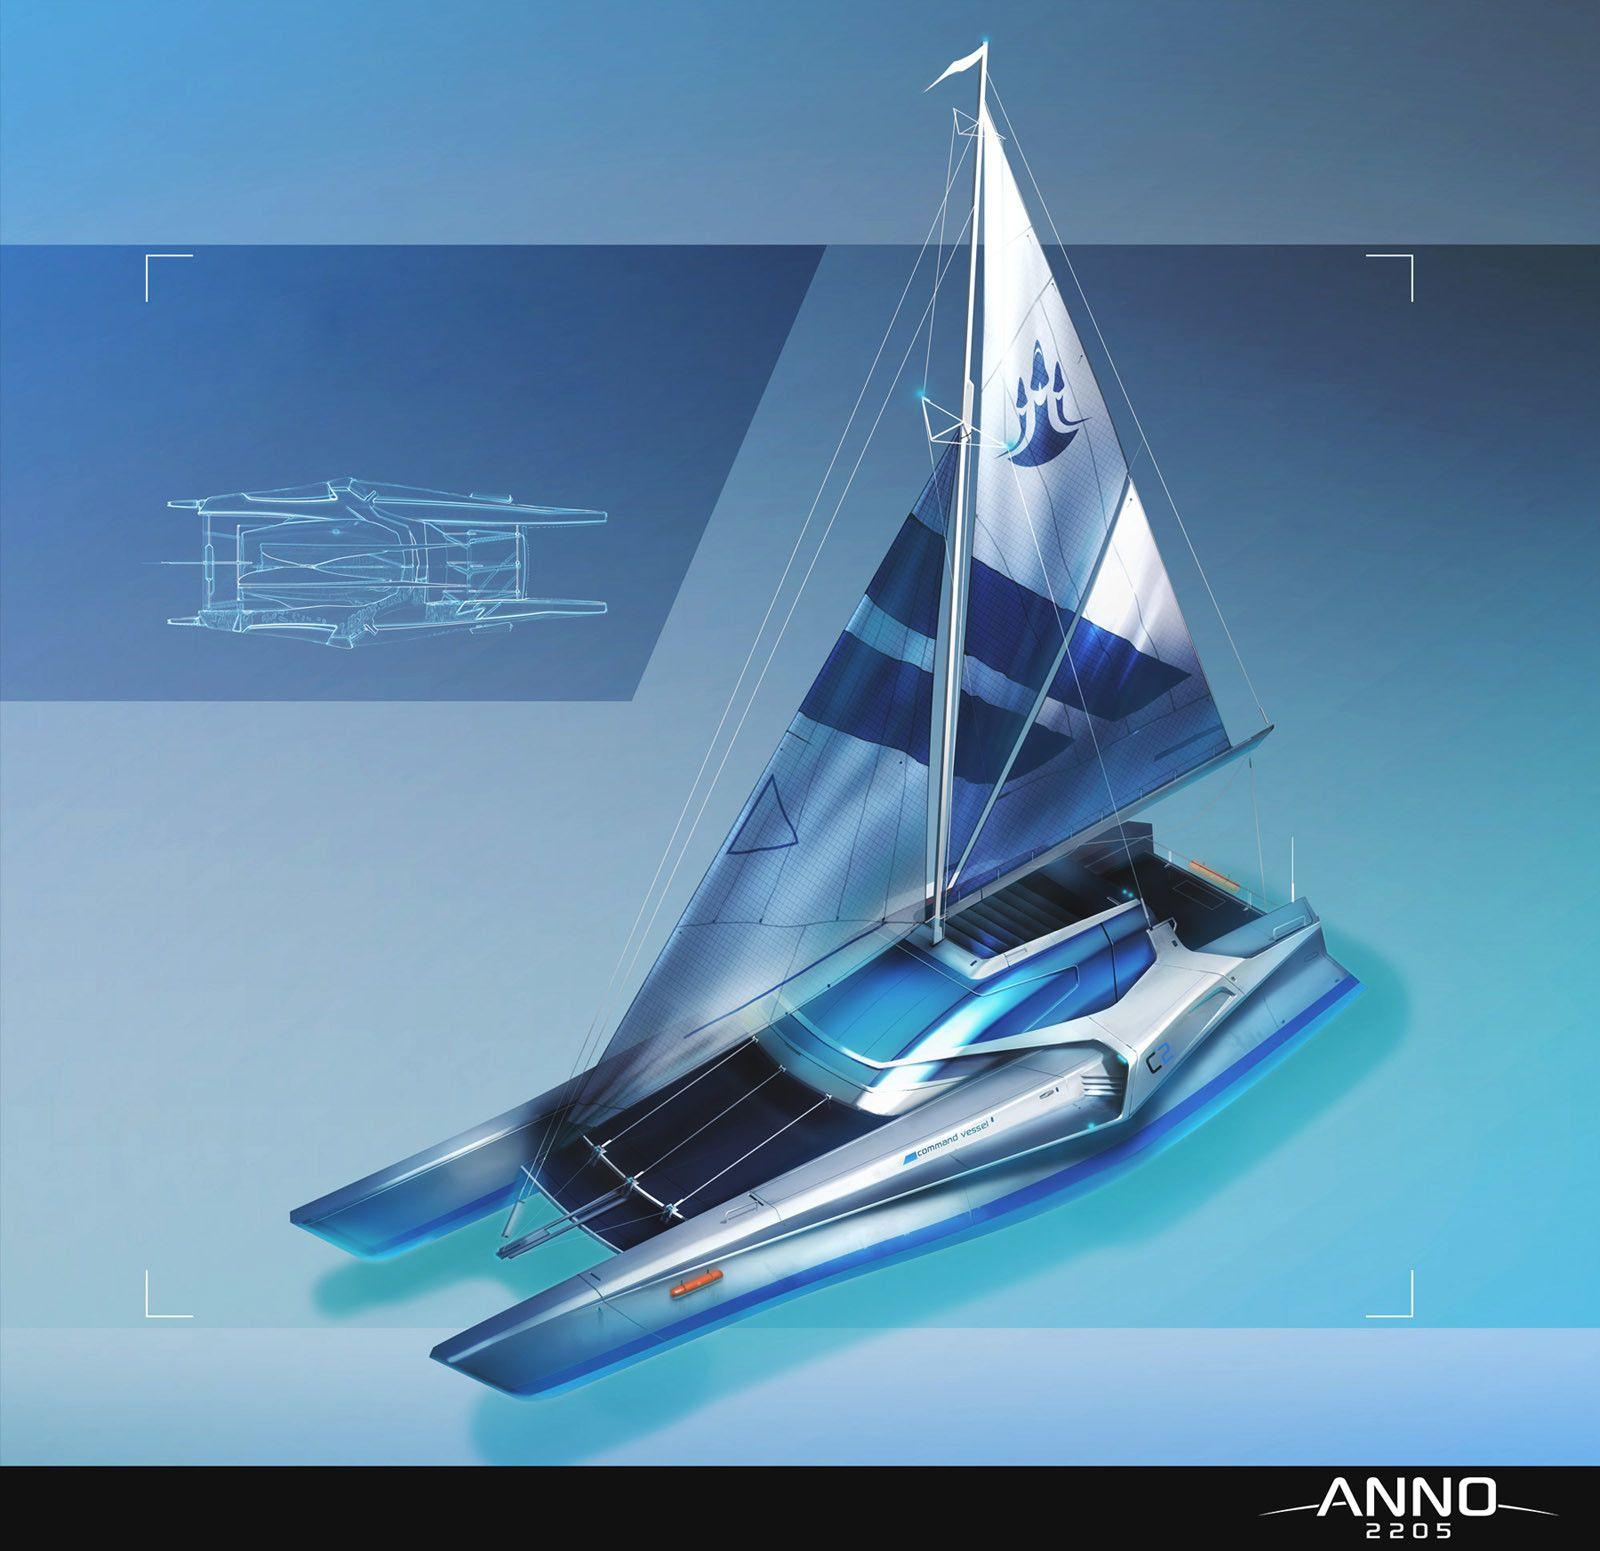 Anno 2205 - Command vessel, Andre Kieschnik